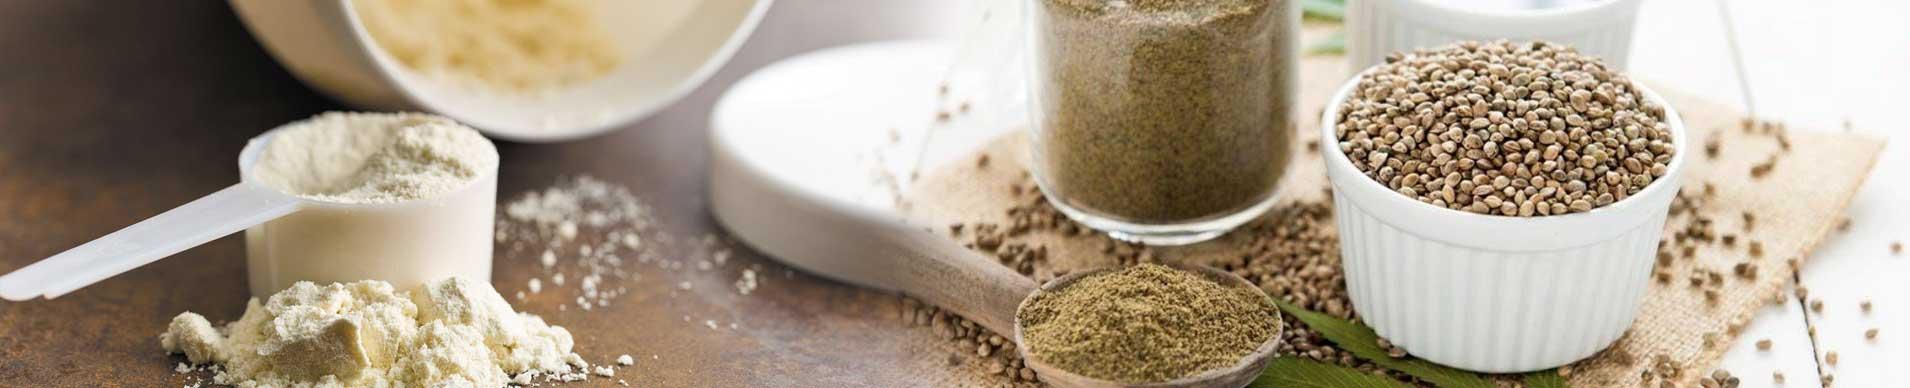 Hemp-and-Whey-protein-powder-banner